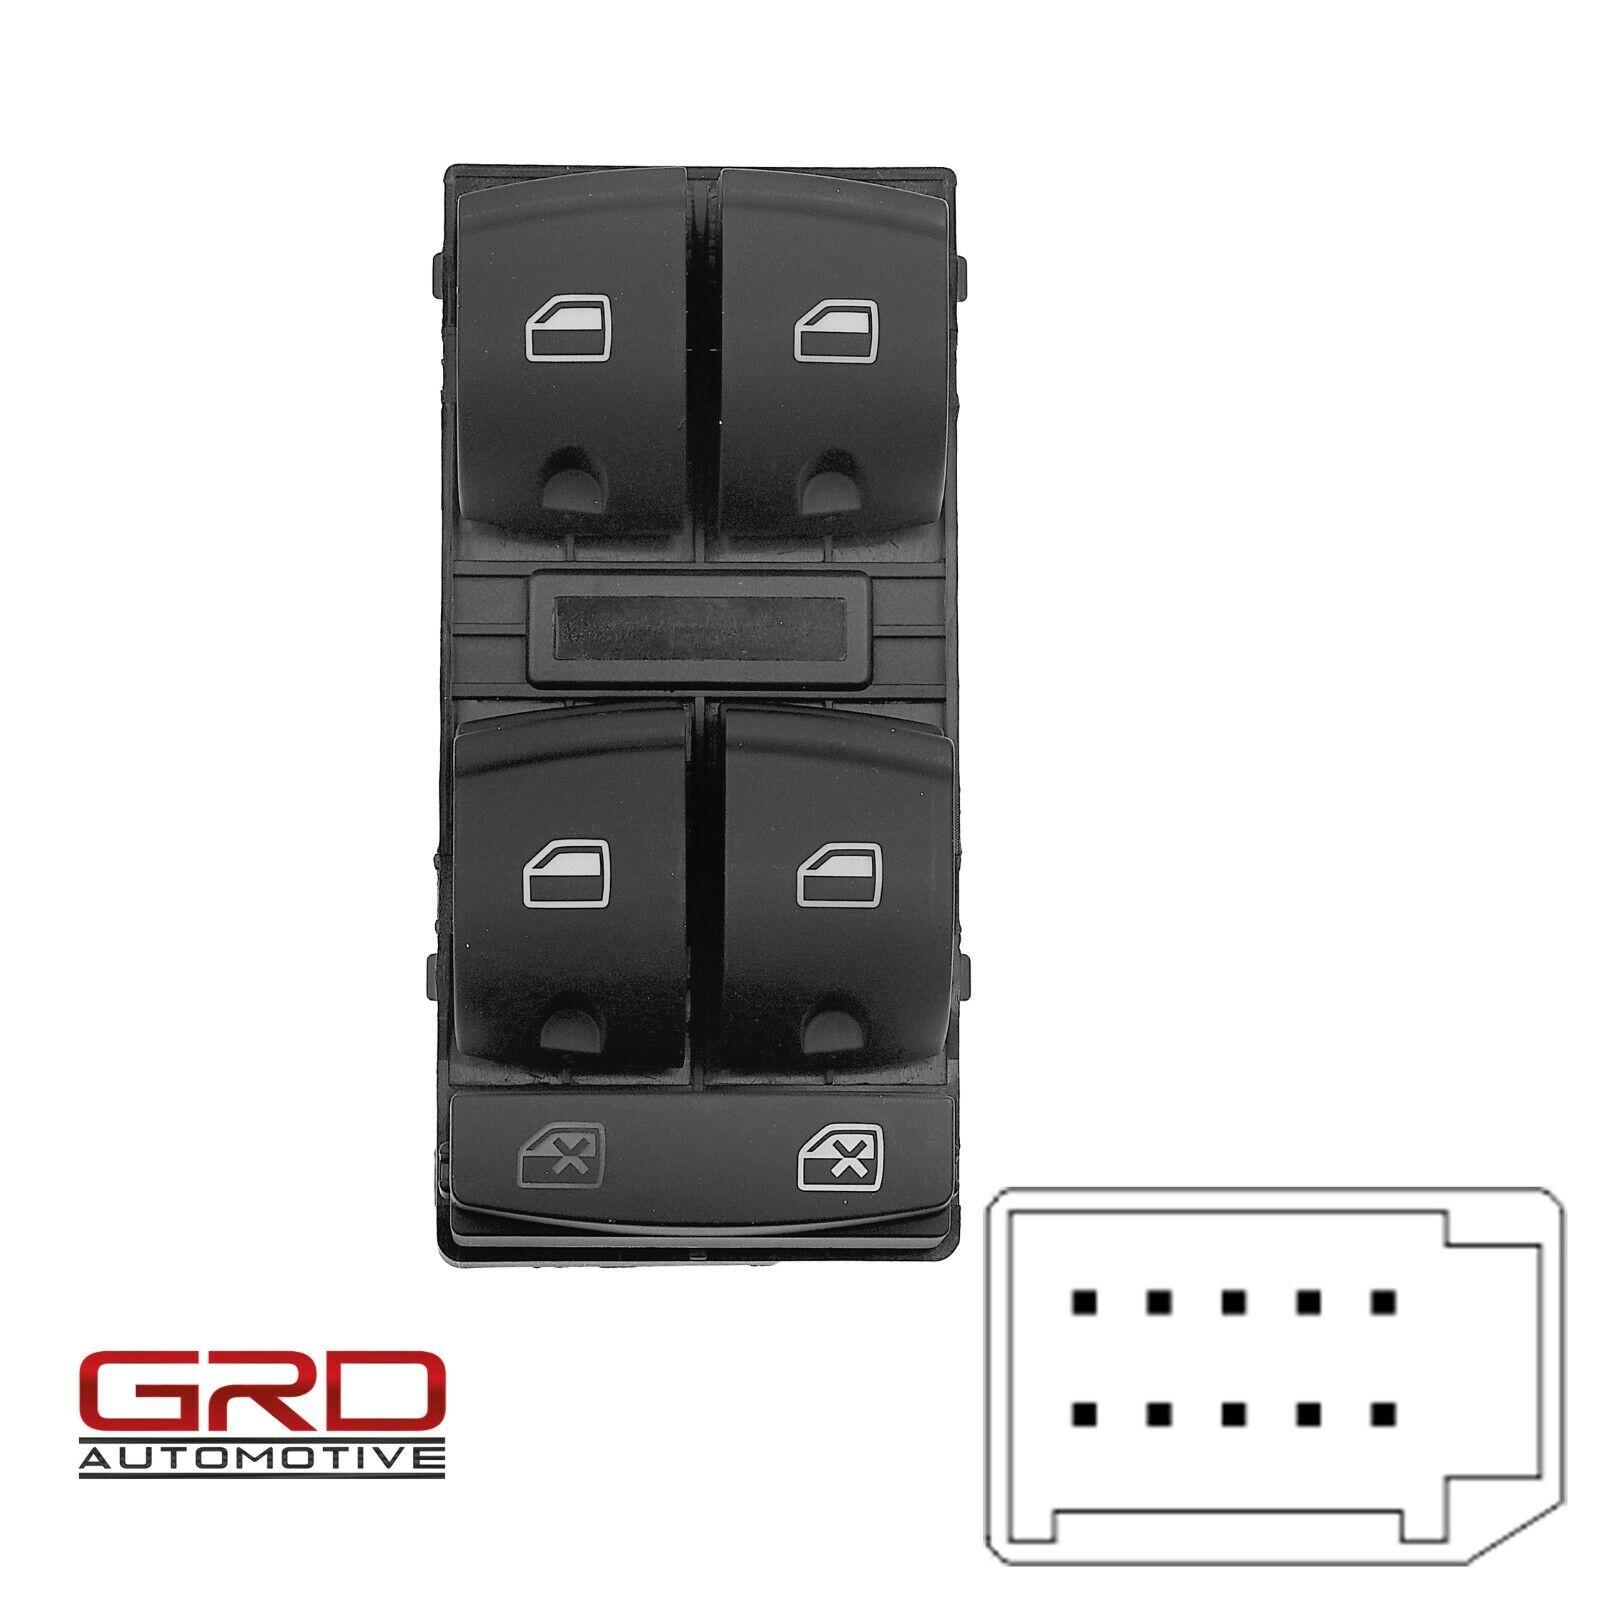 Audi A3 S3 RS3 Q7 4L Schalter Fensterheber Chrom Window lifter switch